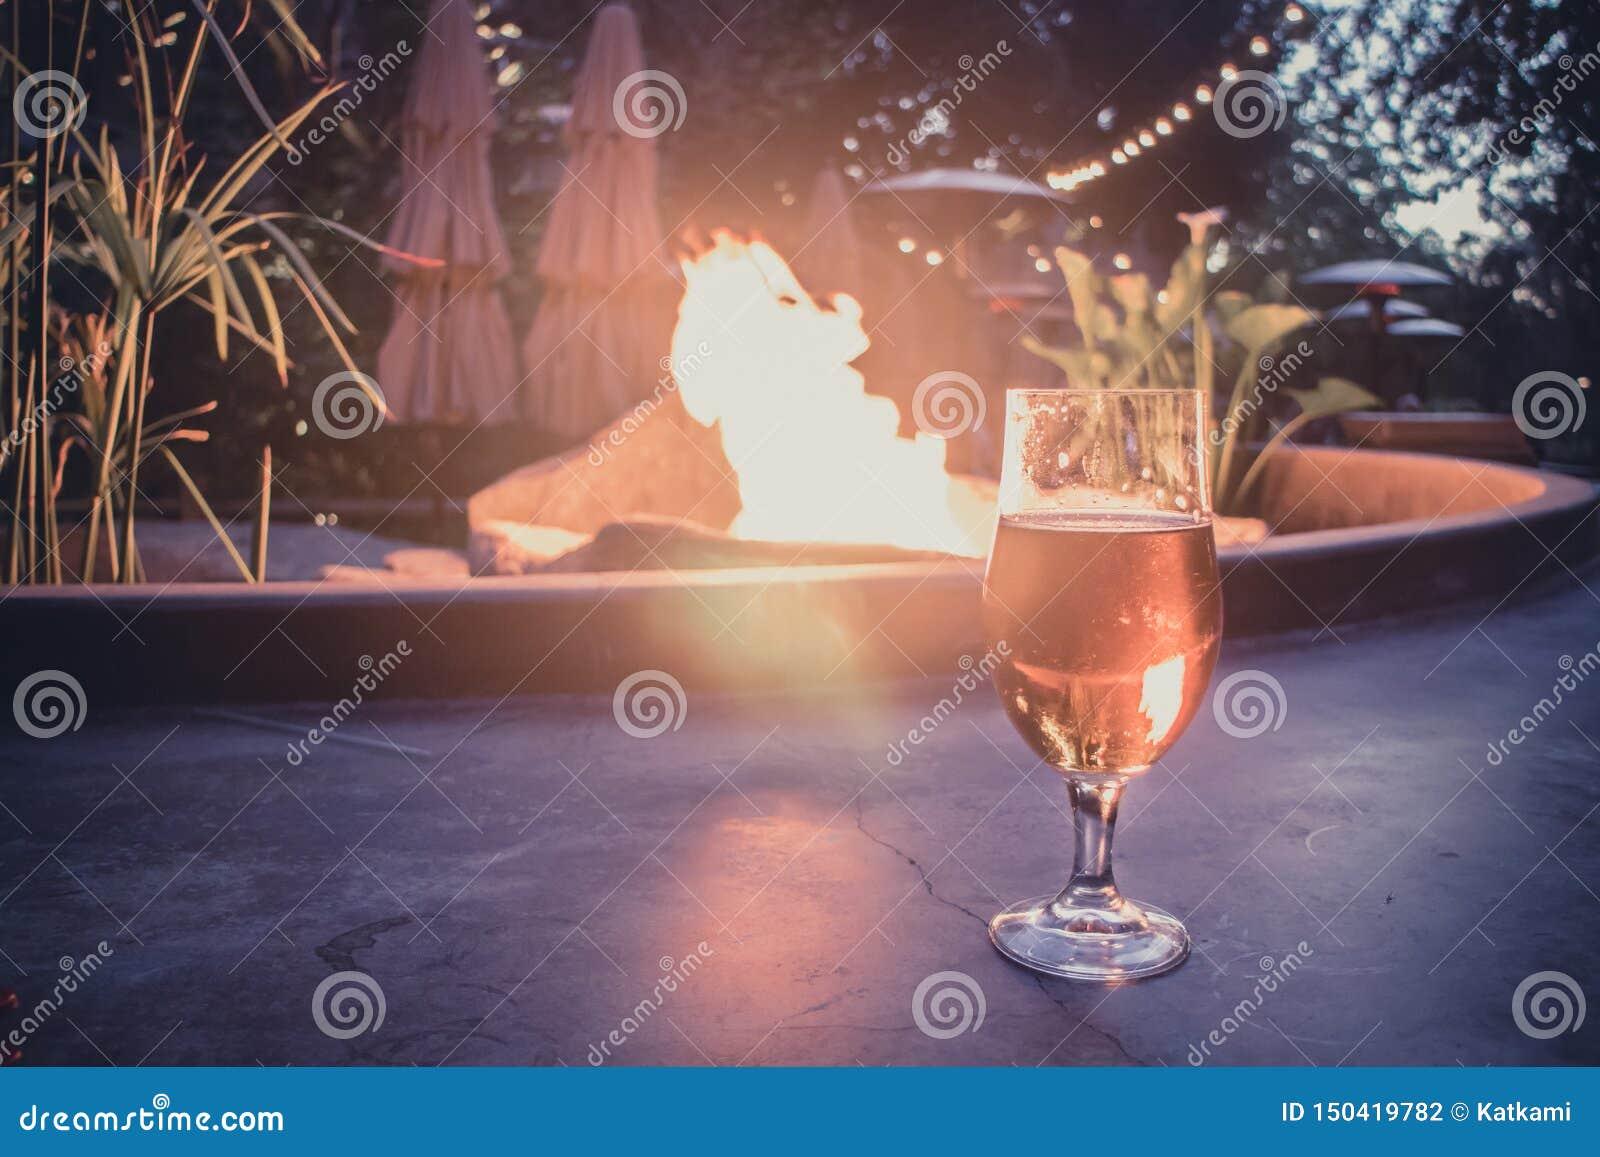 啤酒杯由火坑在背景中照亮了